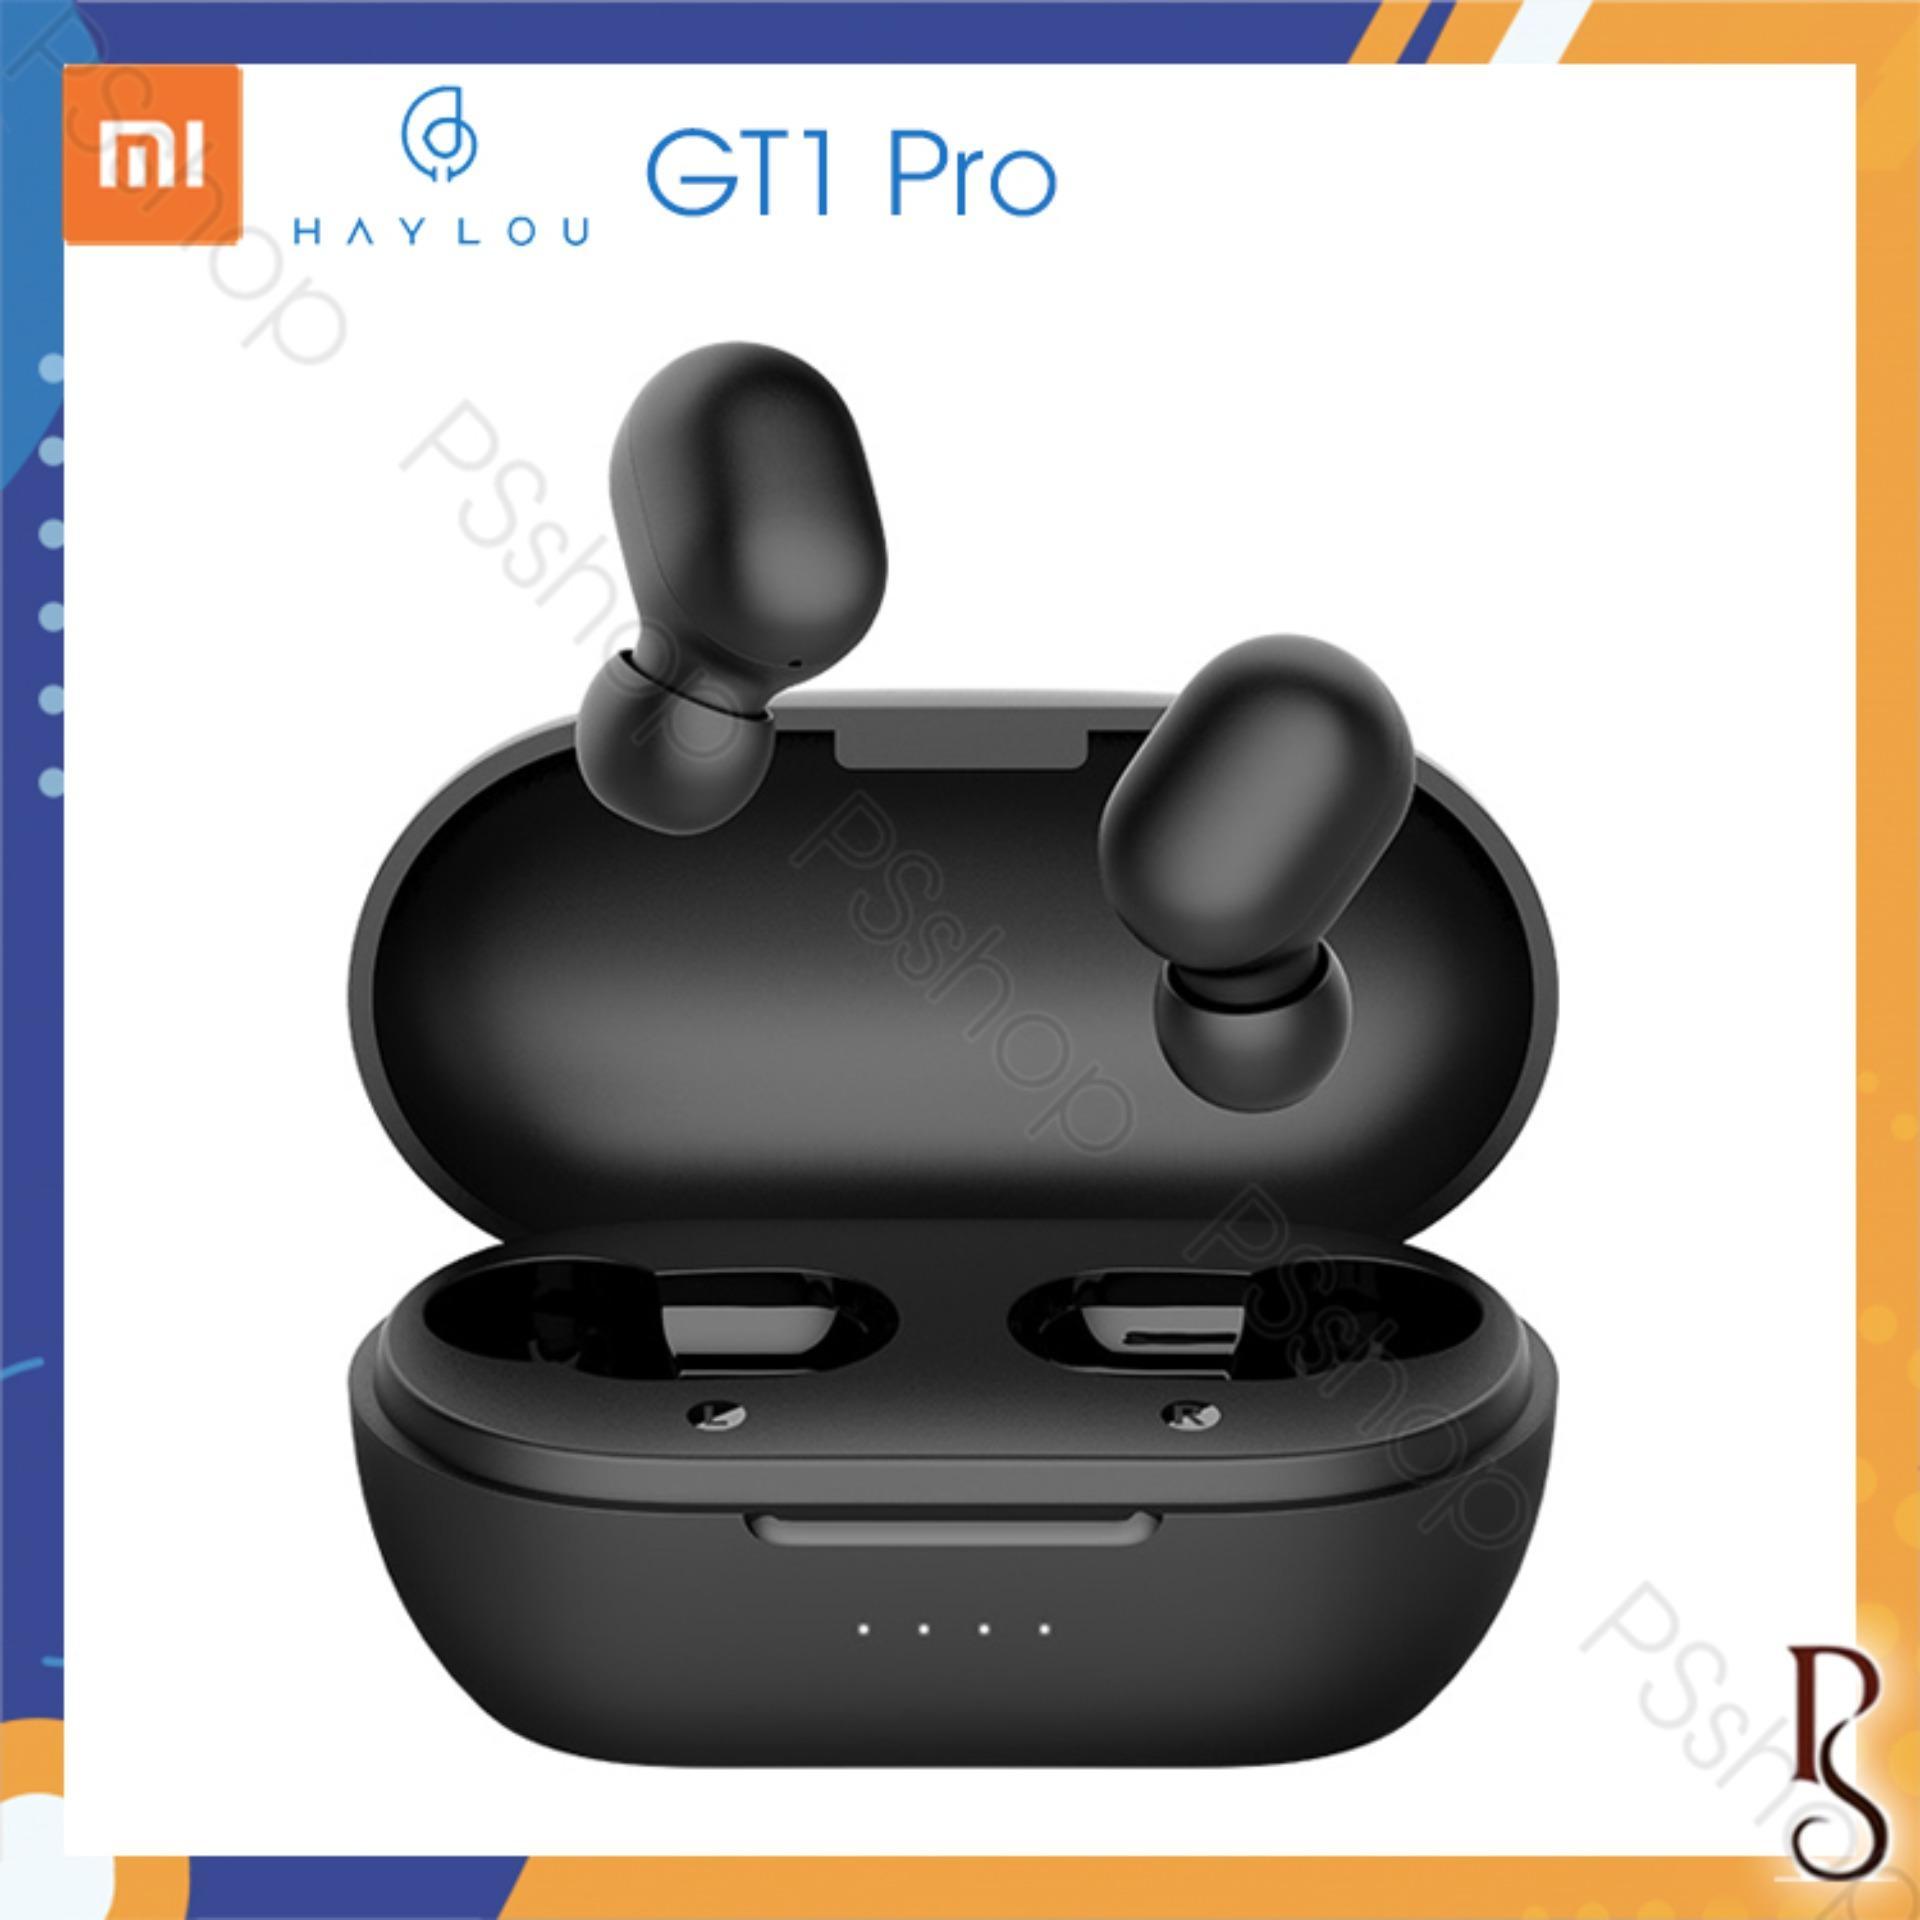 Tai nghe Haylou GT1 Pro - True Wireless Bluetooth 5.0, chống nước IPX5, phím cảm ứng